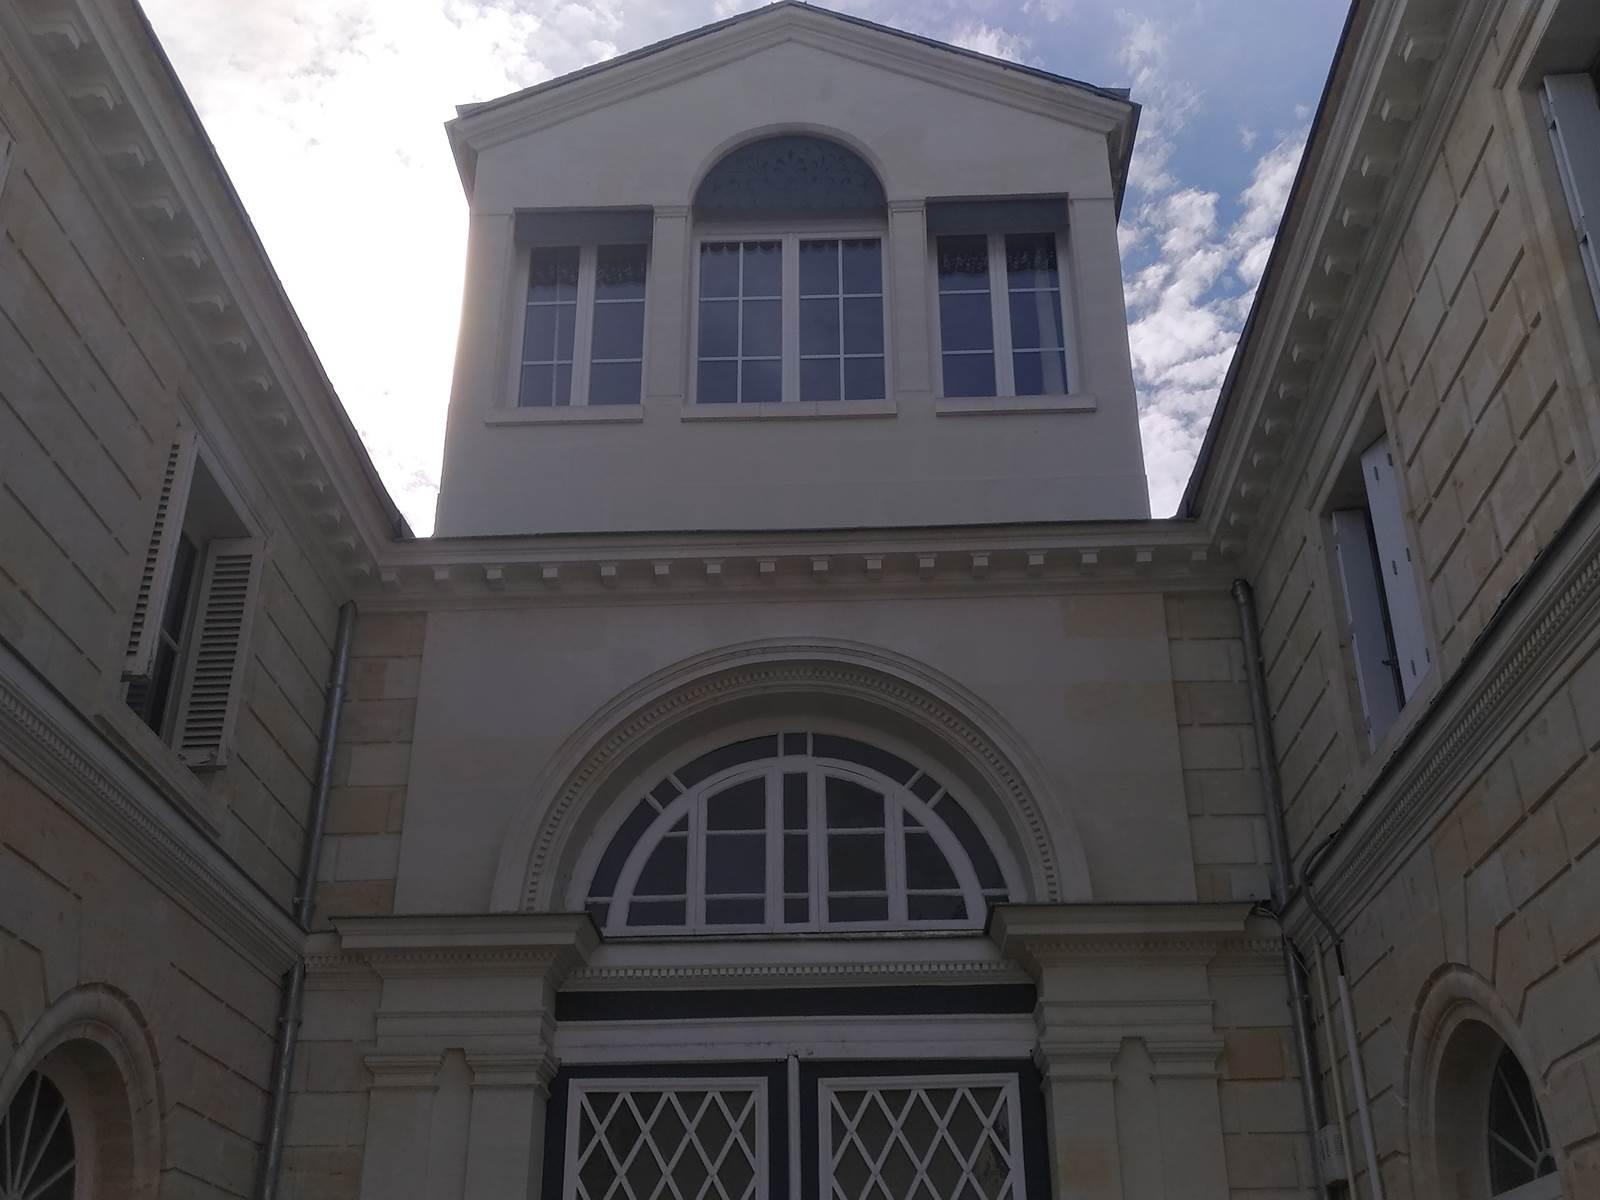 Maison vue de la cour intérieure